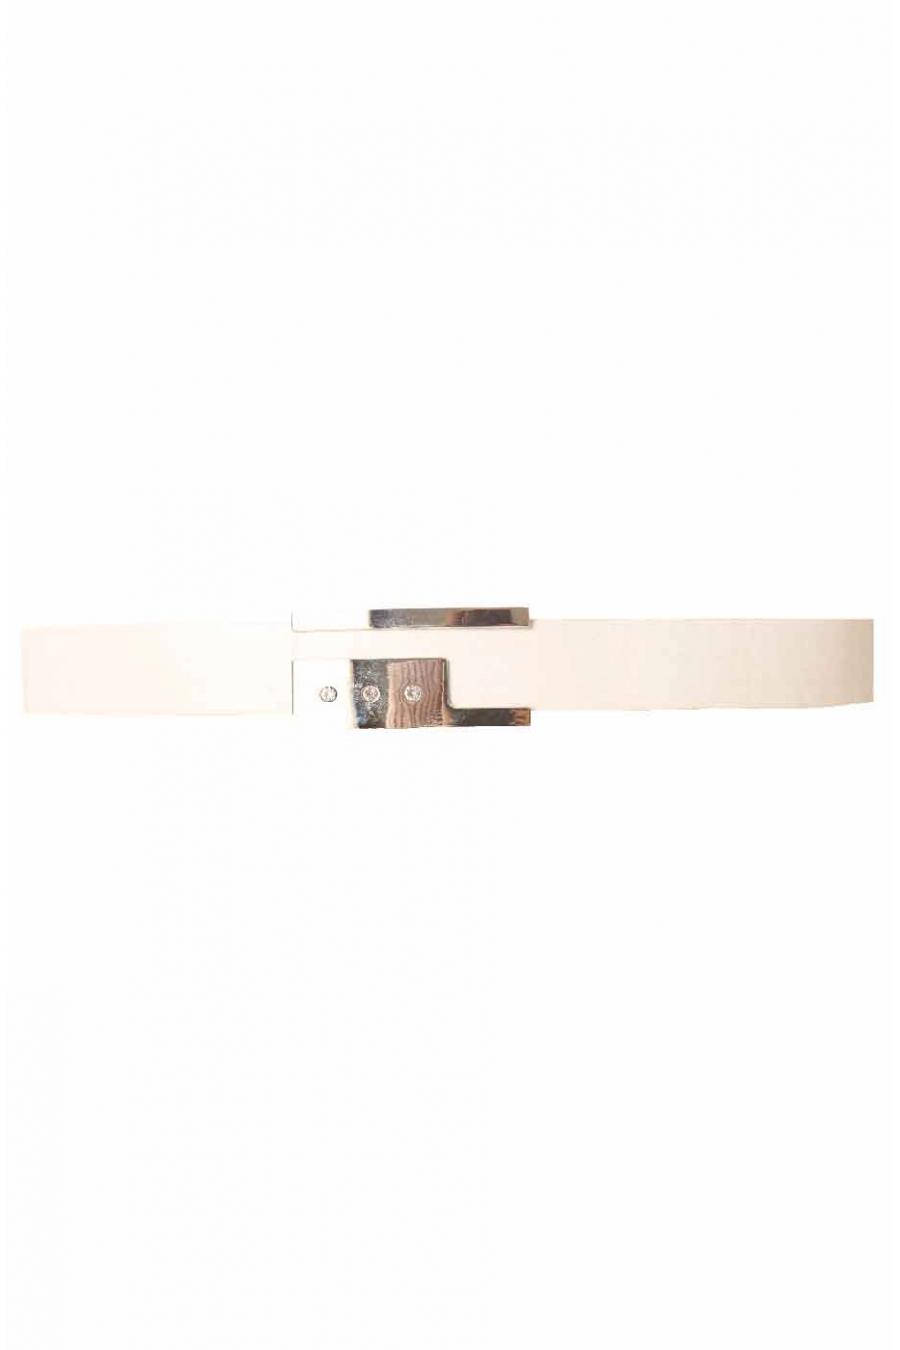 White belt, rectangular buckle with rhinestones BG 0236